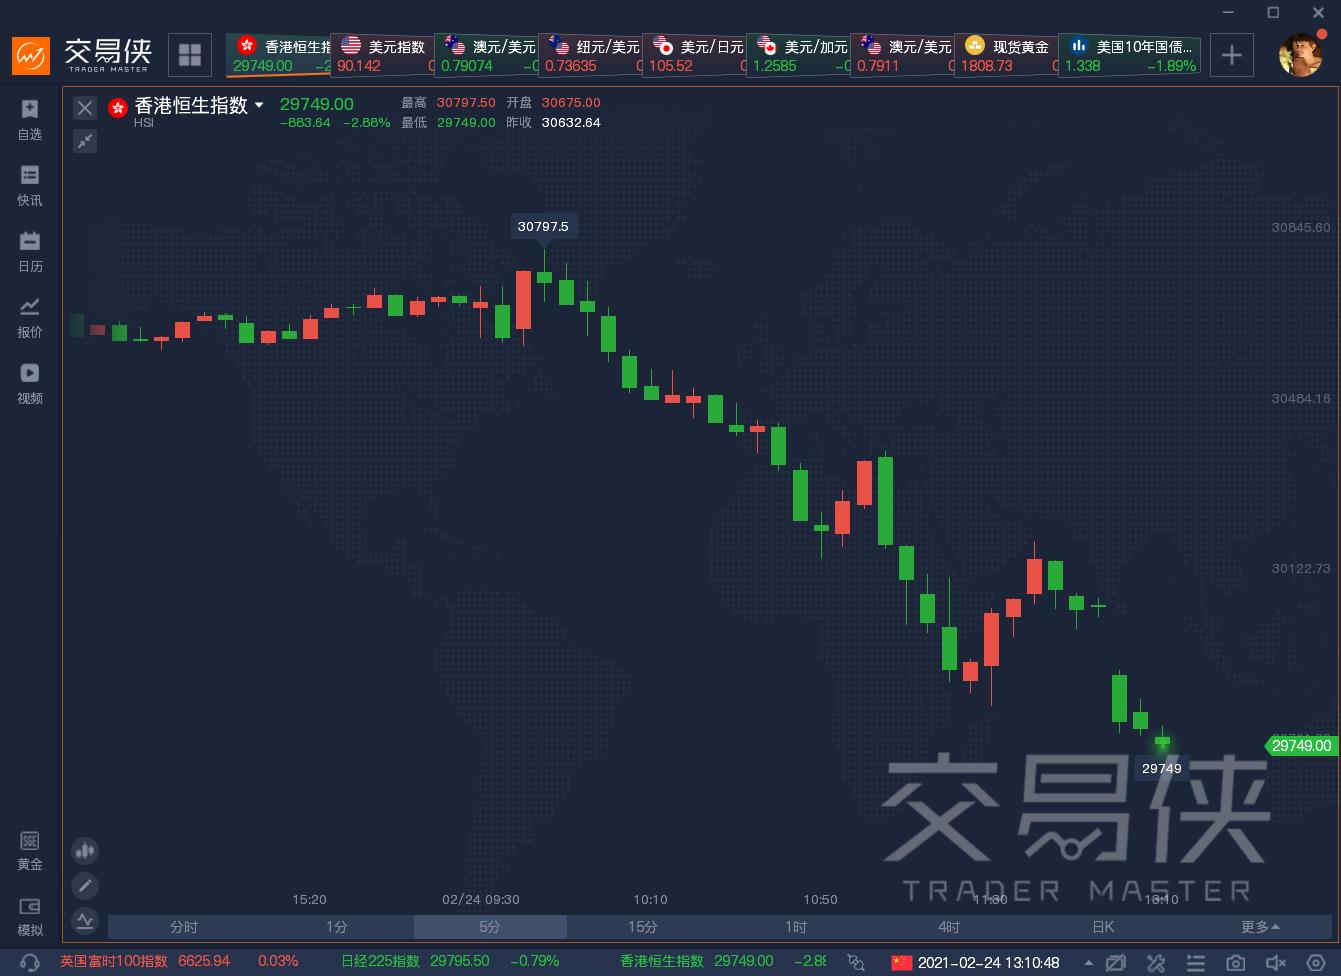 香港宣布上调股票印花税税率 港交所股价狂泻11% 恒指跌3%